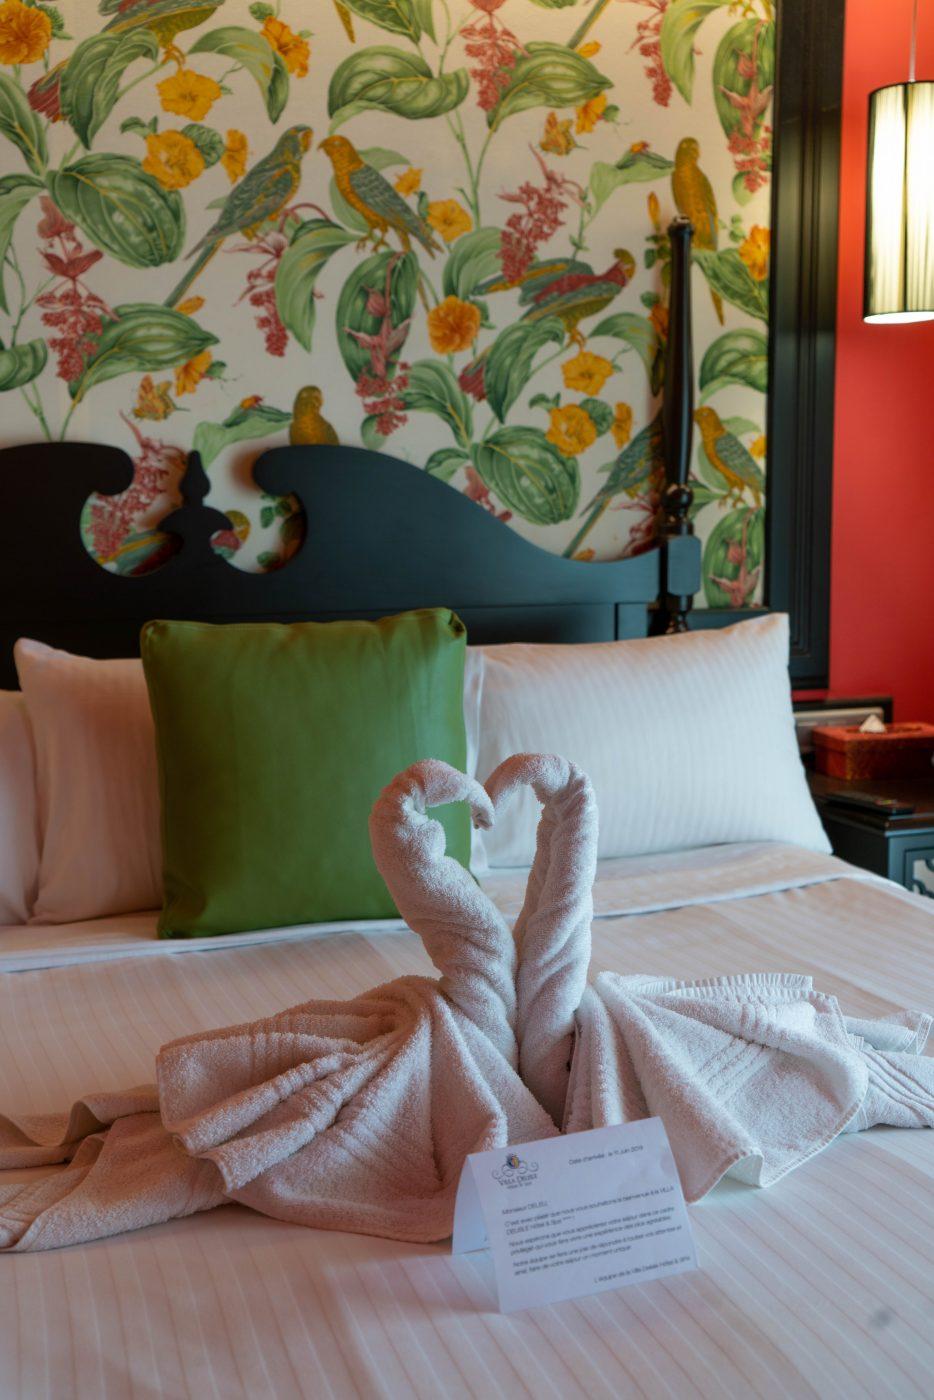 Villa Delisle Hotel & Spa: post-colonial charm in the heart of Saint-Pierre, La Réunion 2